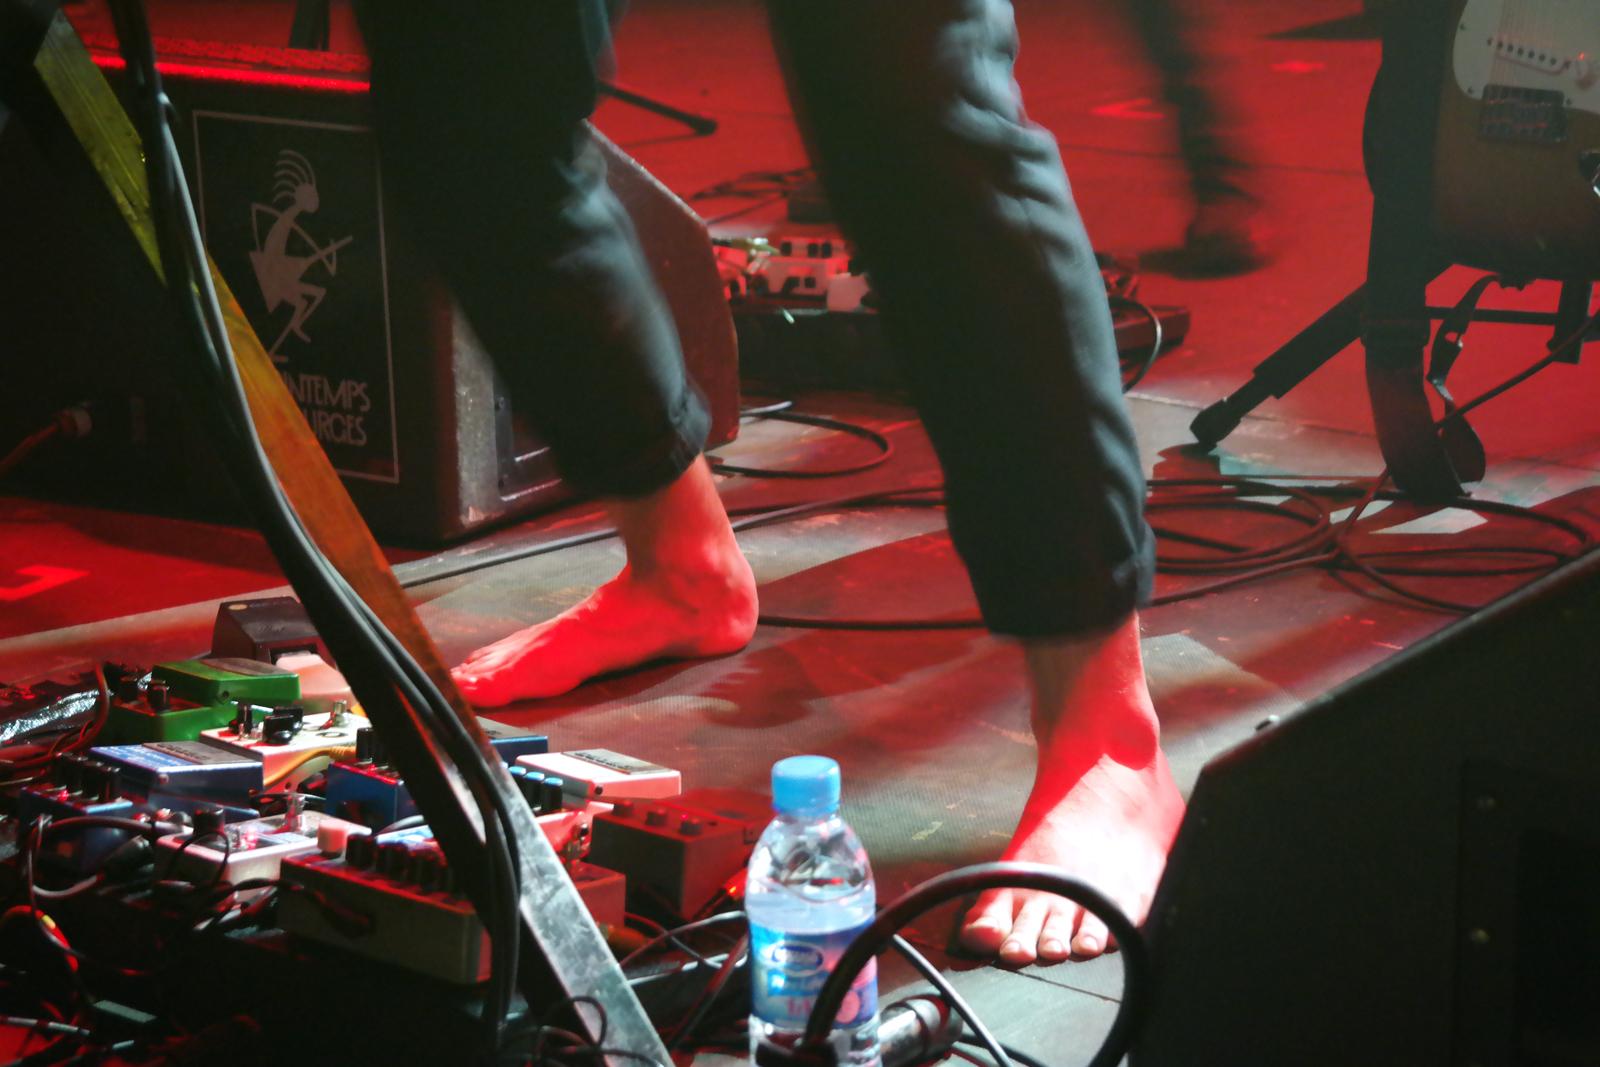 Samba de la muerte concert live au Printemps de Bourges 2016 Adrian Leprêtre pied nus album Colors photo de scène usofparis blog